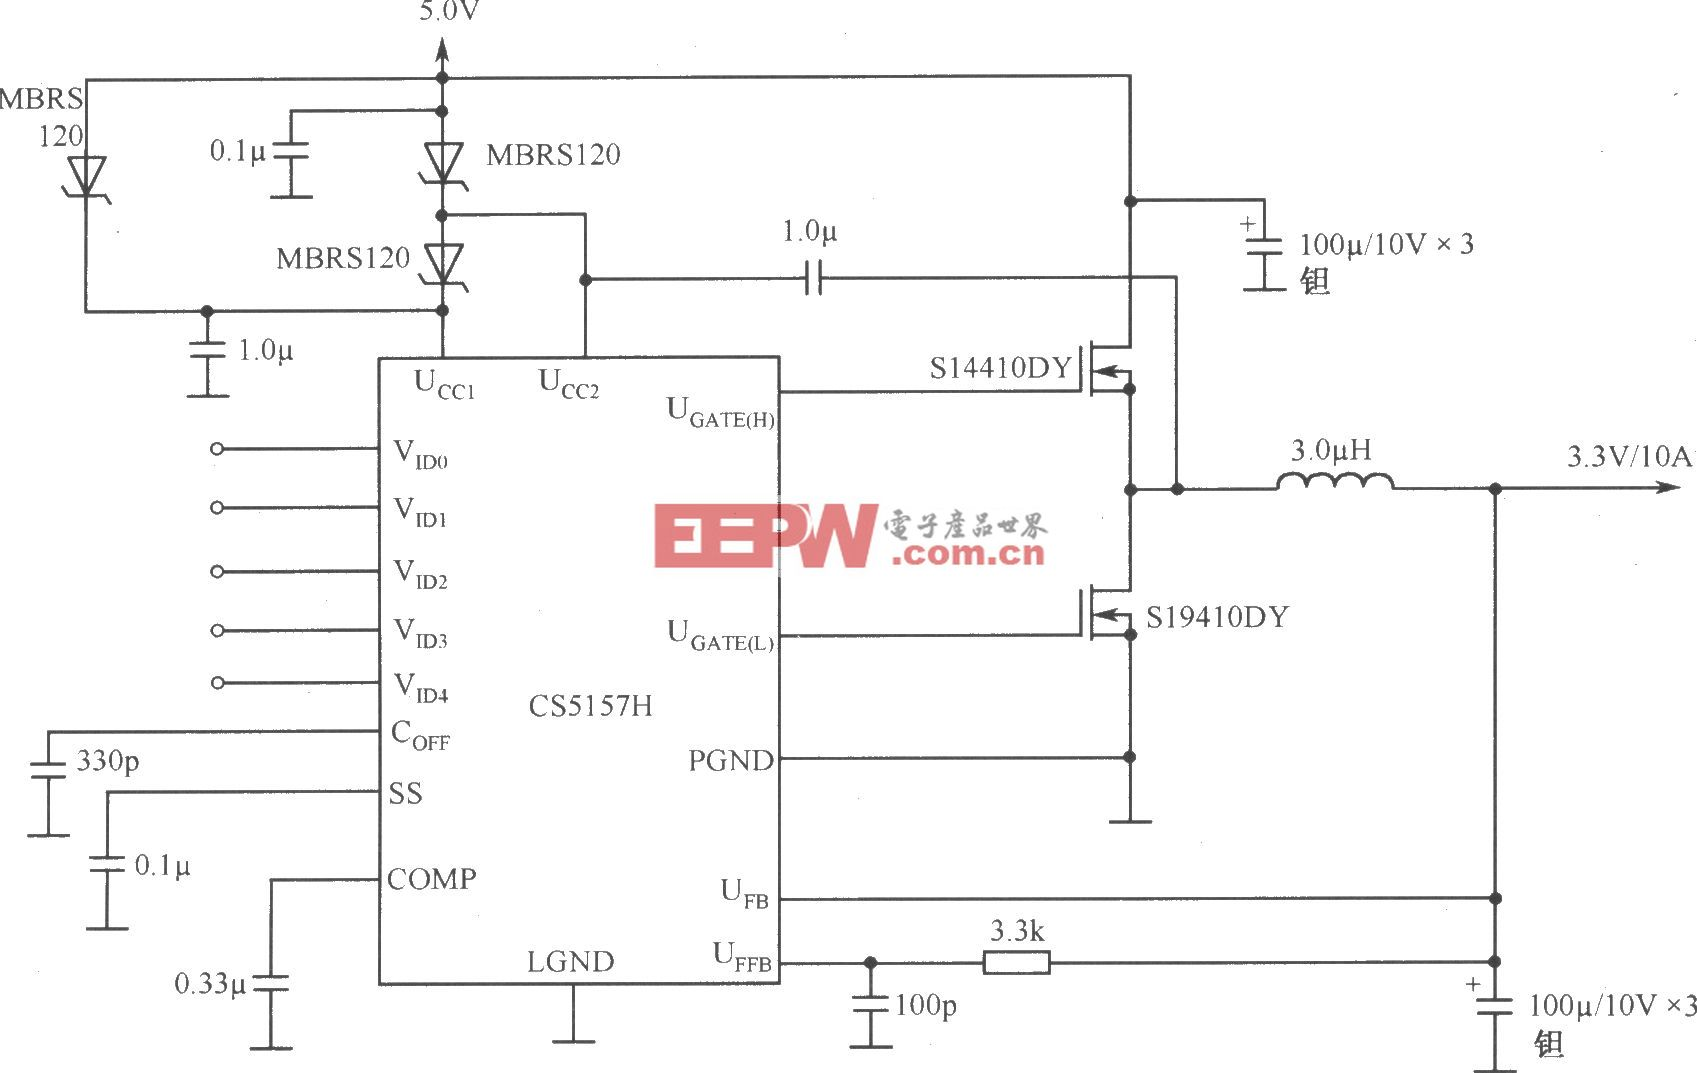 CS5157H构成的5.OV至3.3V/10A变换器